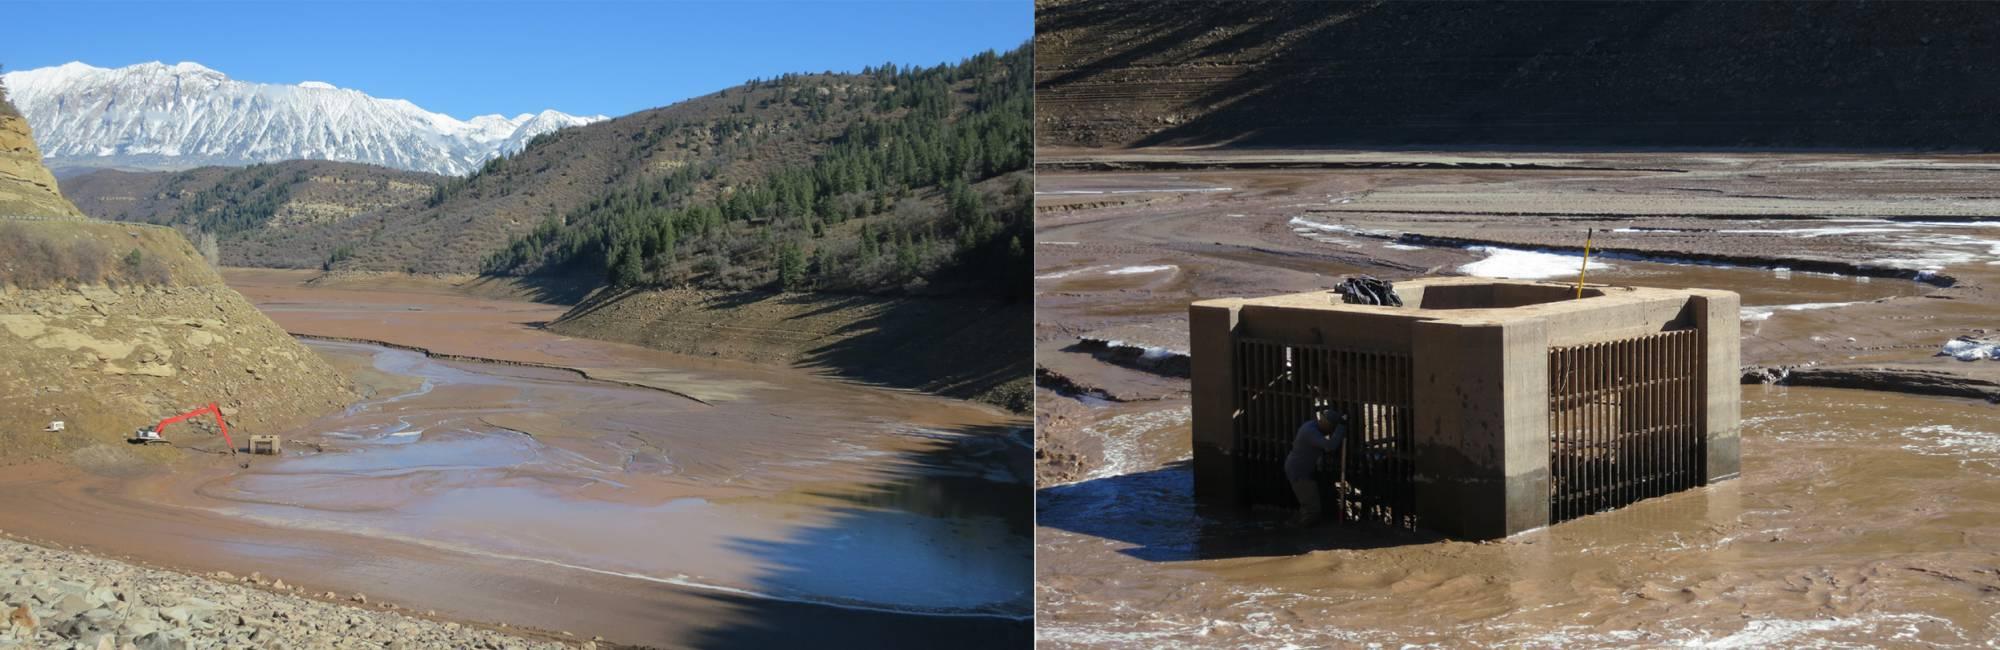 Paonia Reservoir, Colorado